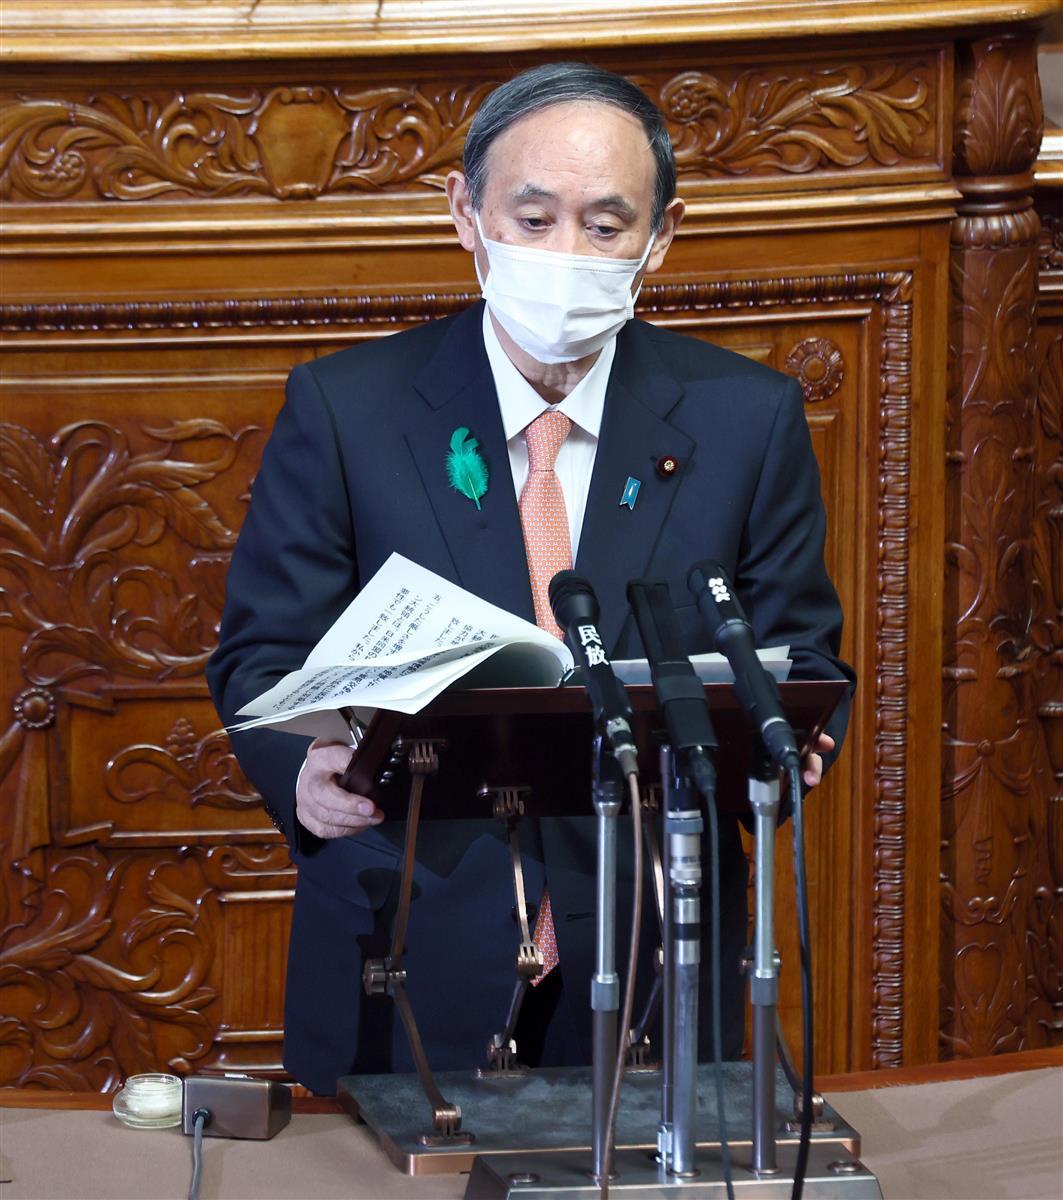 参院本会議で答弁する菅義偉首相=21日午前、国会(春名中撮影)